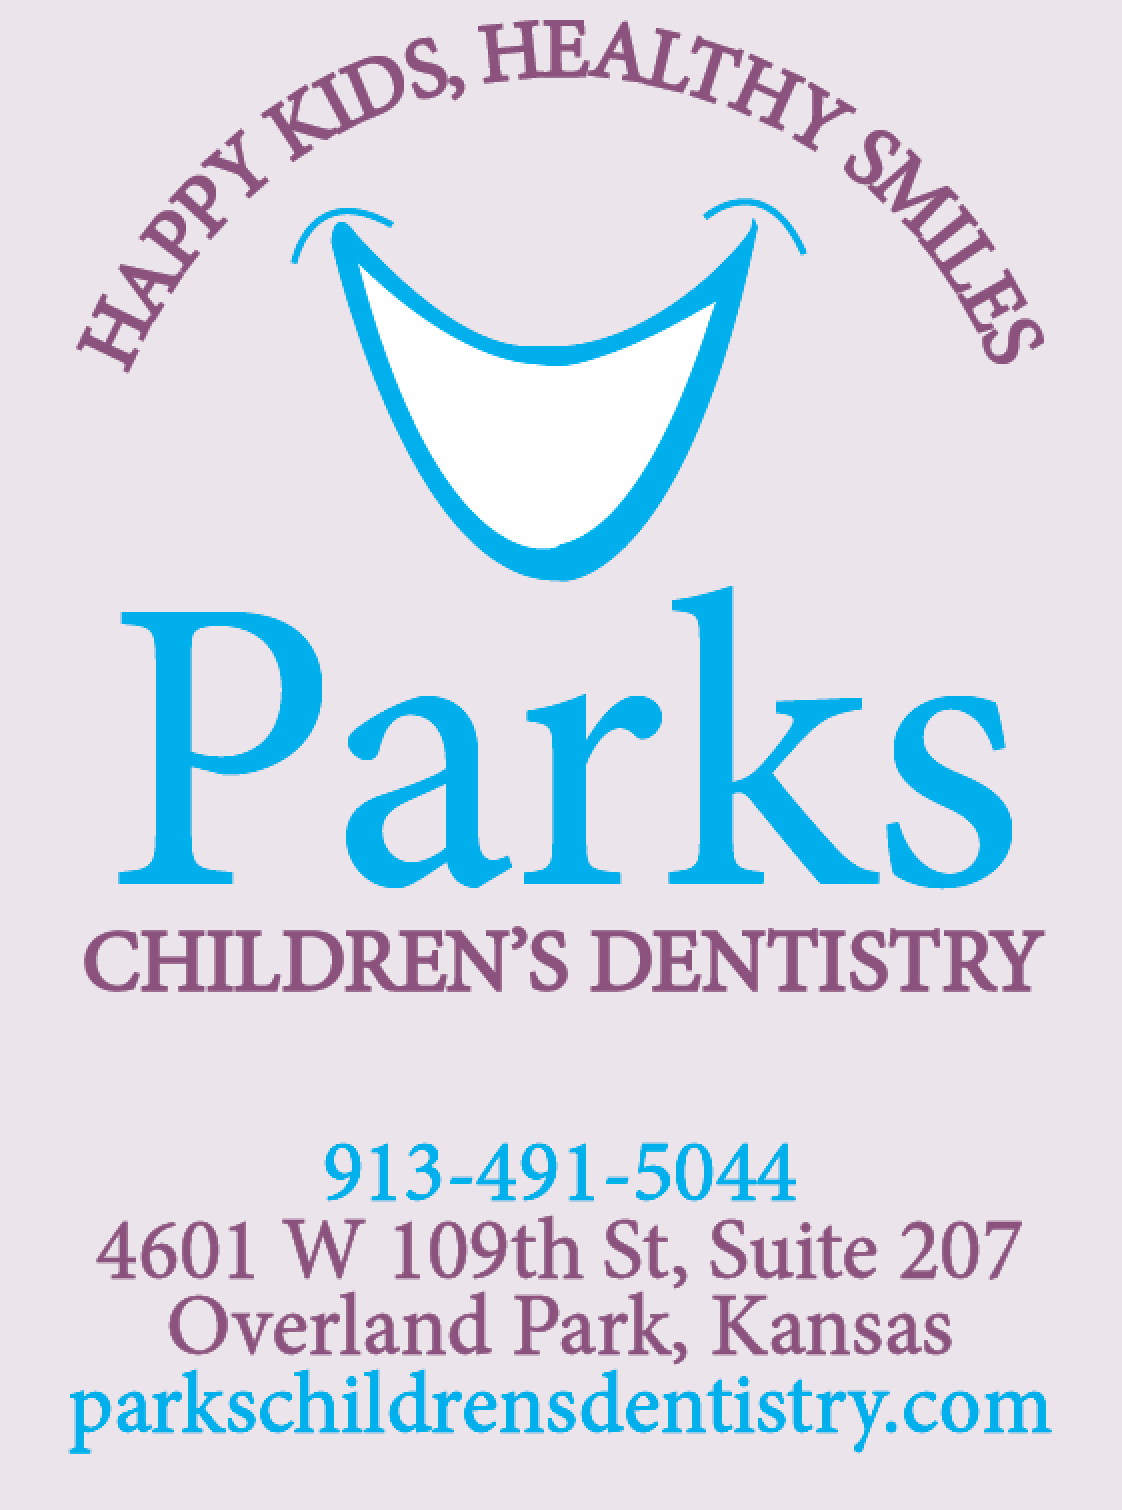 parkschildrensdentistry.com